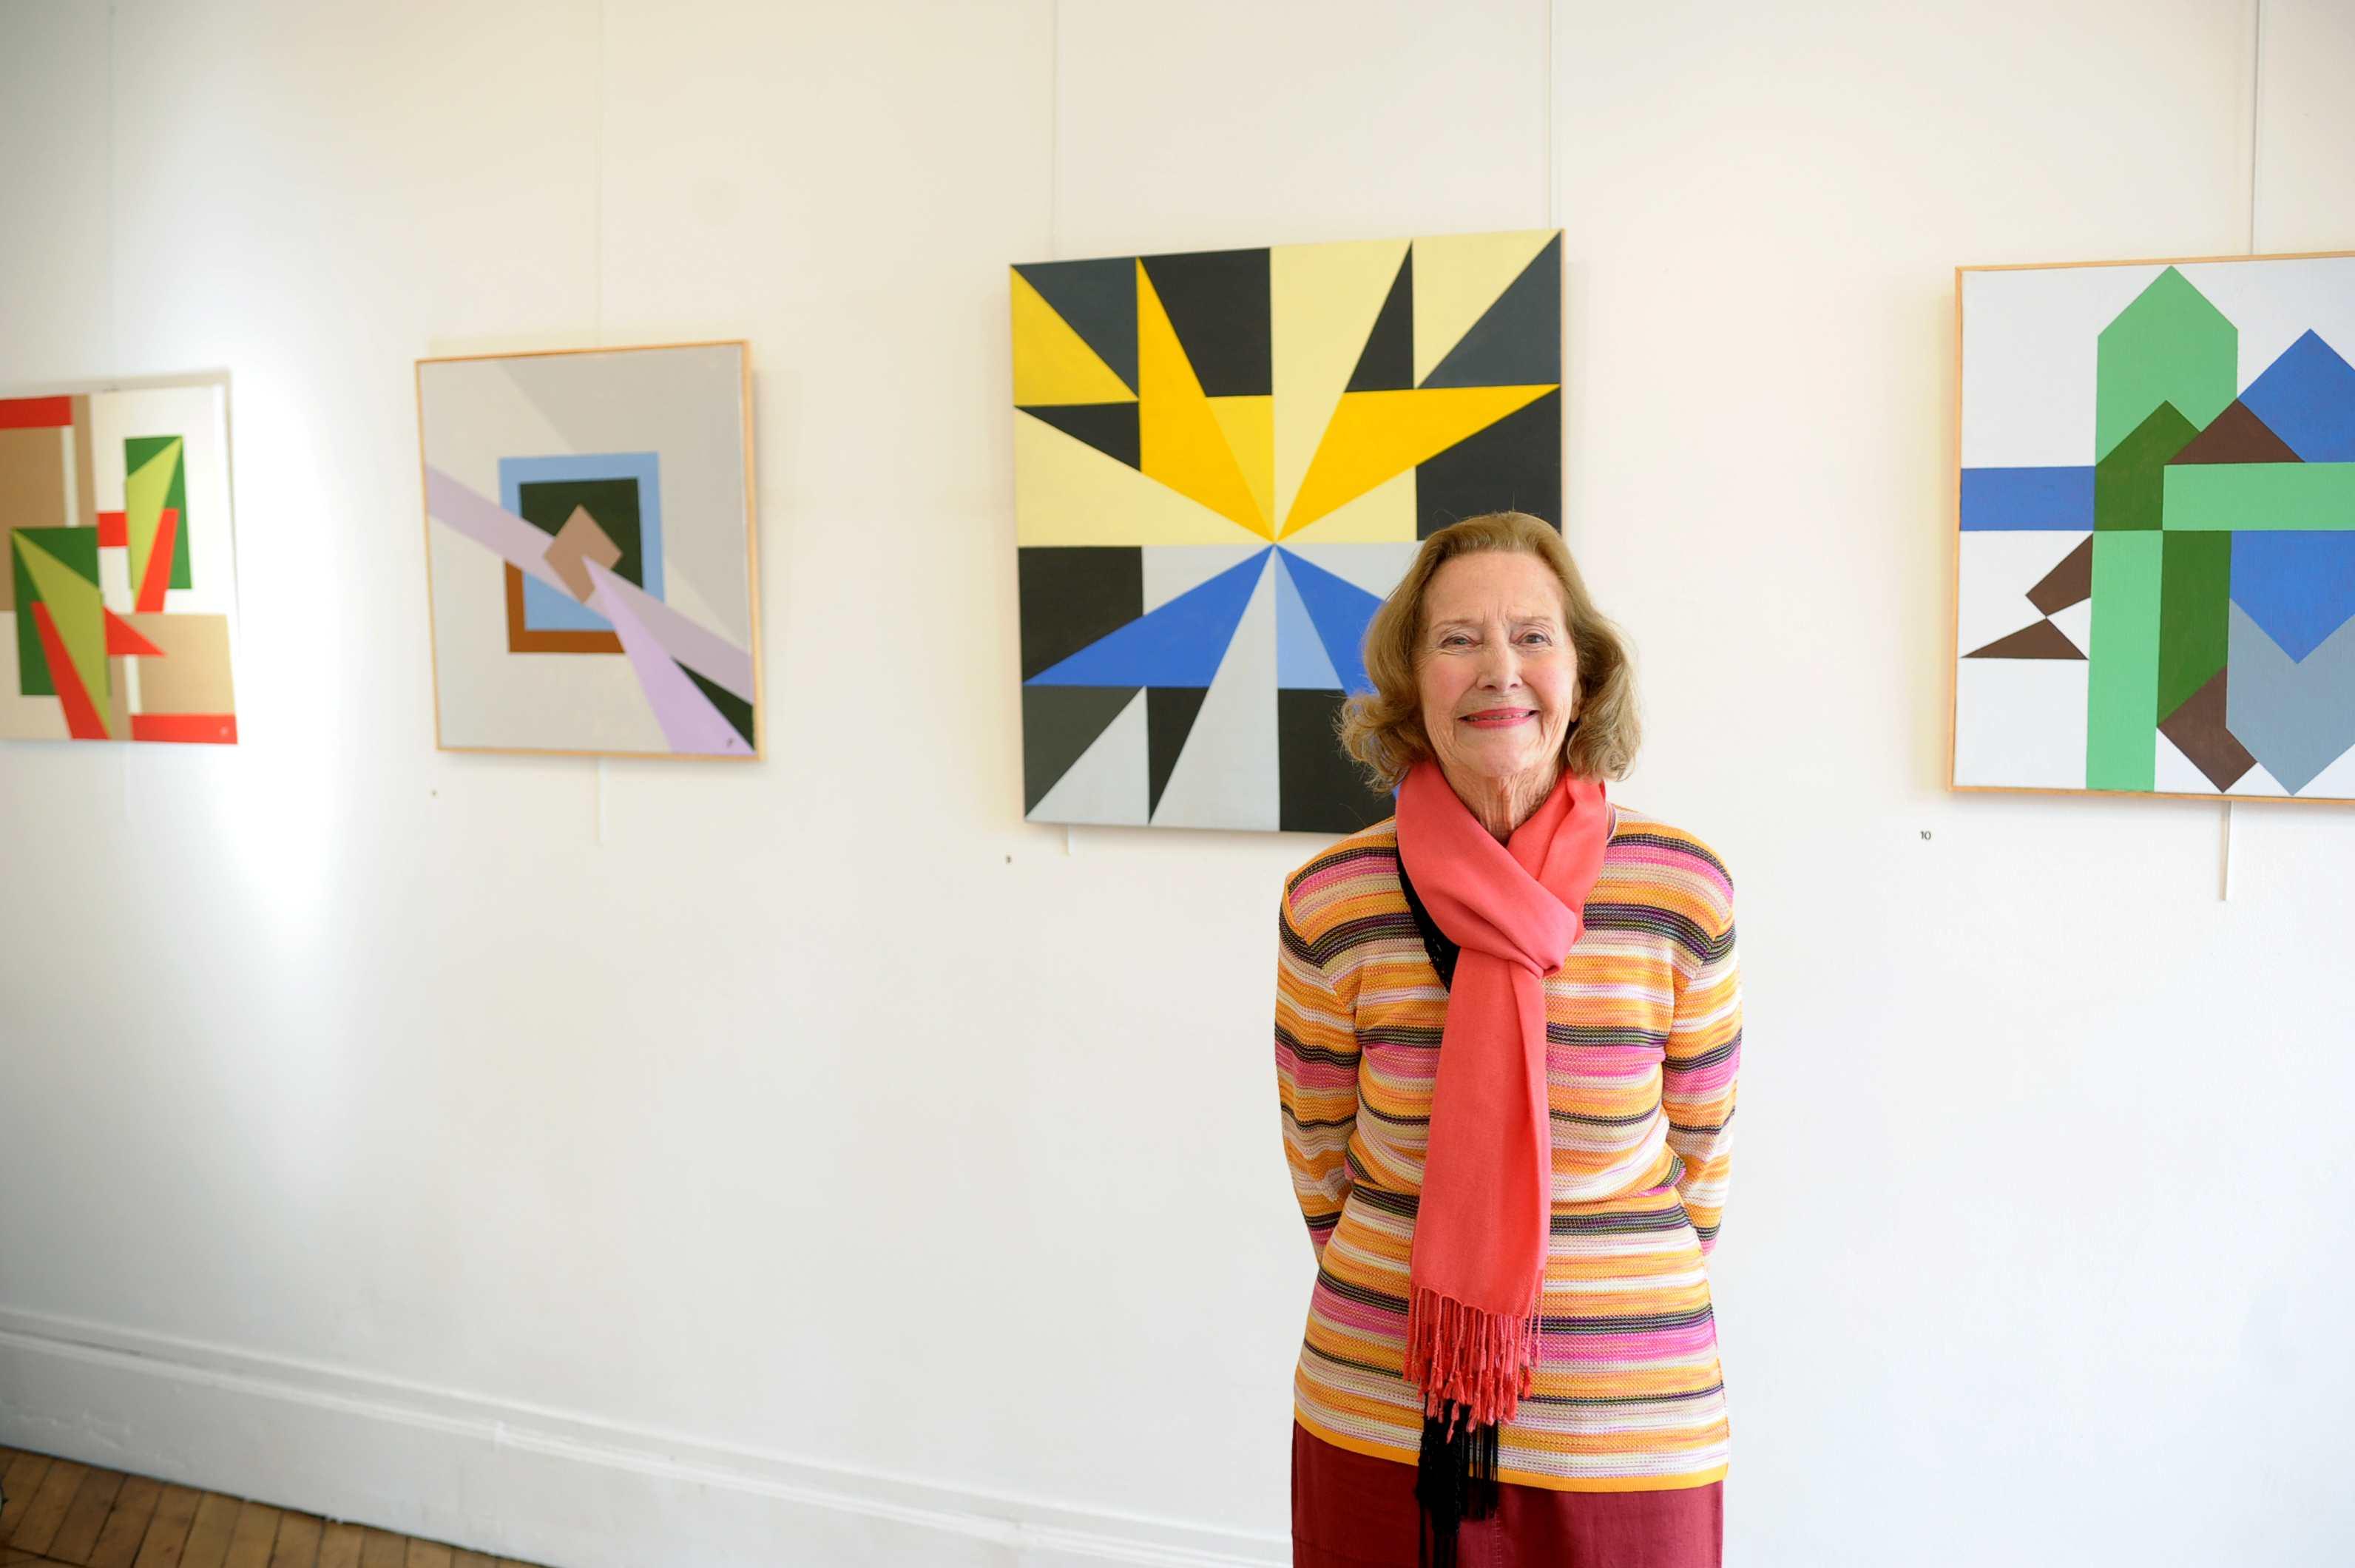 Patricia Poullain